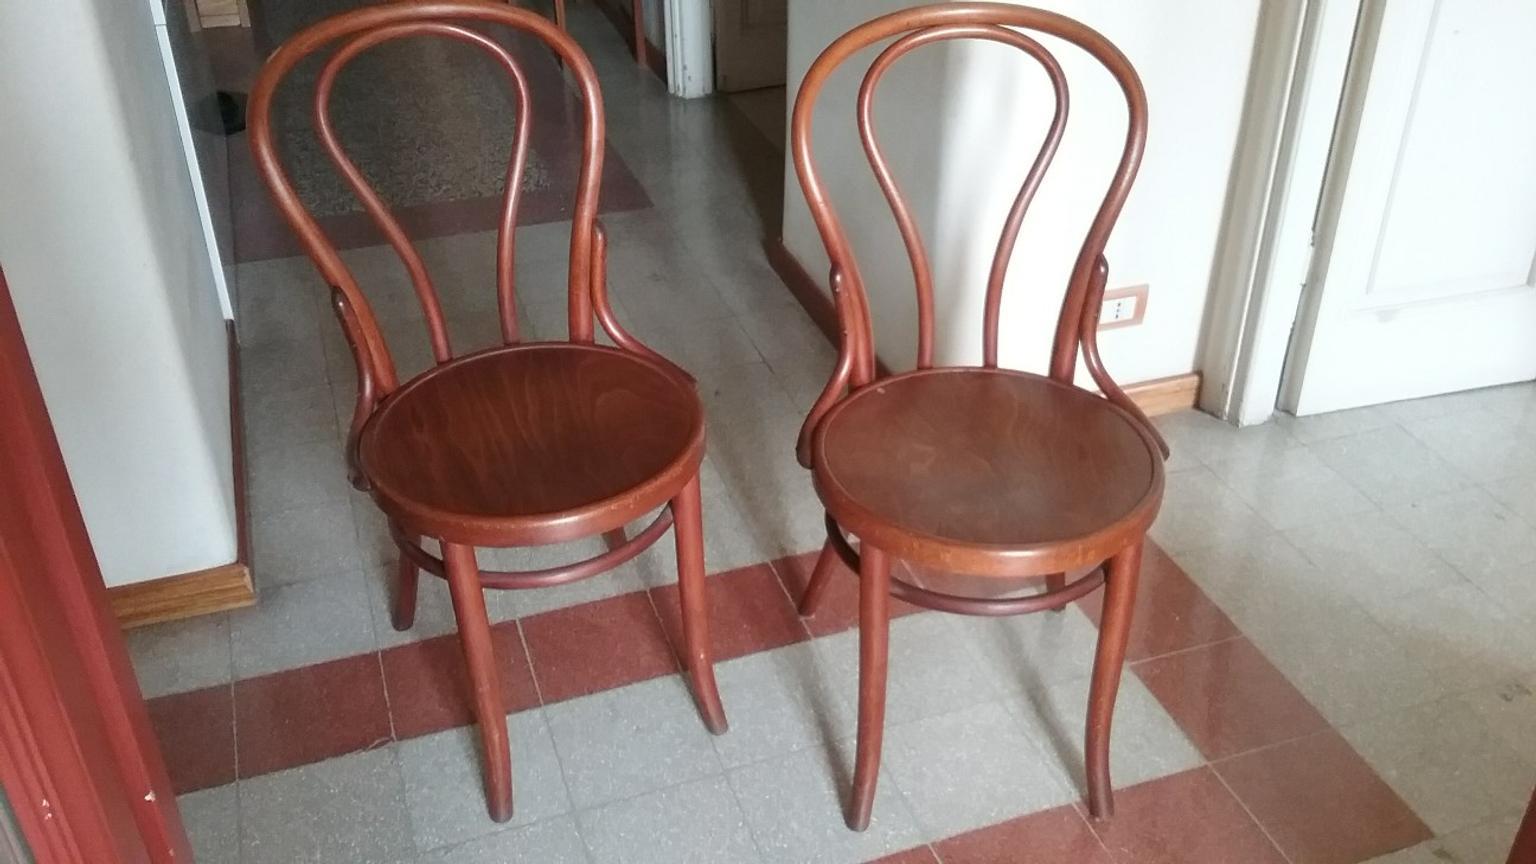 Marcos si impegna da anni nella vendita di comfort e qualità. Sedie Thonet In 00191 Roma For 79 00 For Sale Shpock